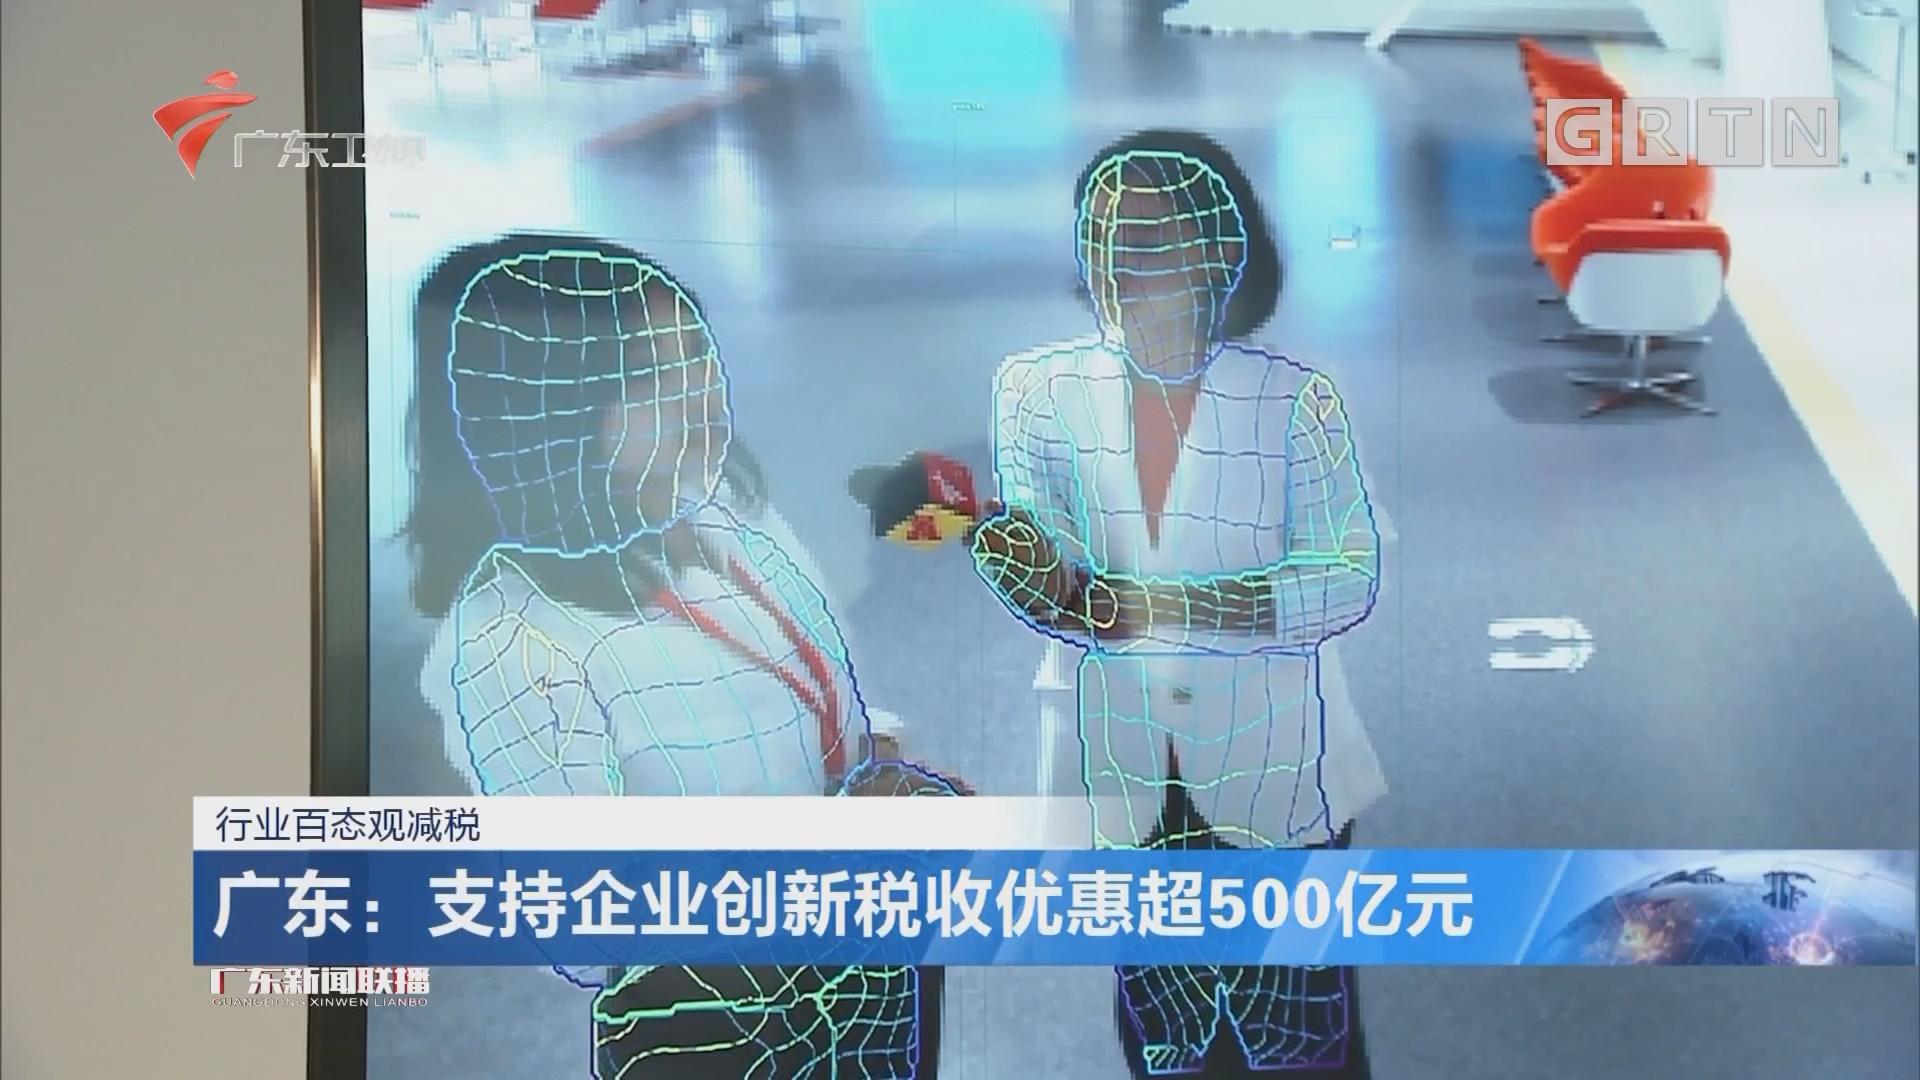 广东:支持企业创新税收优惠超500亿元